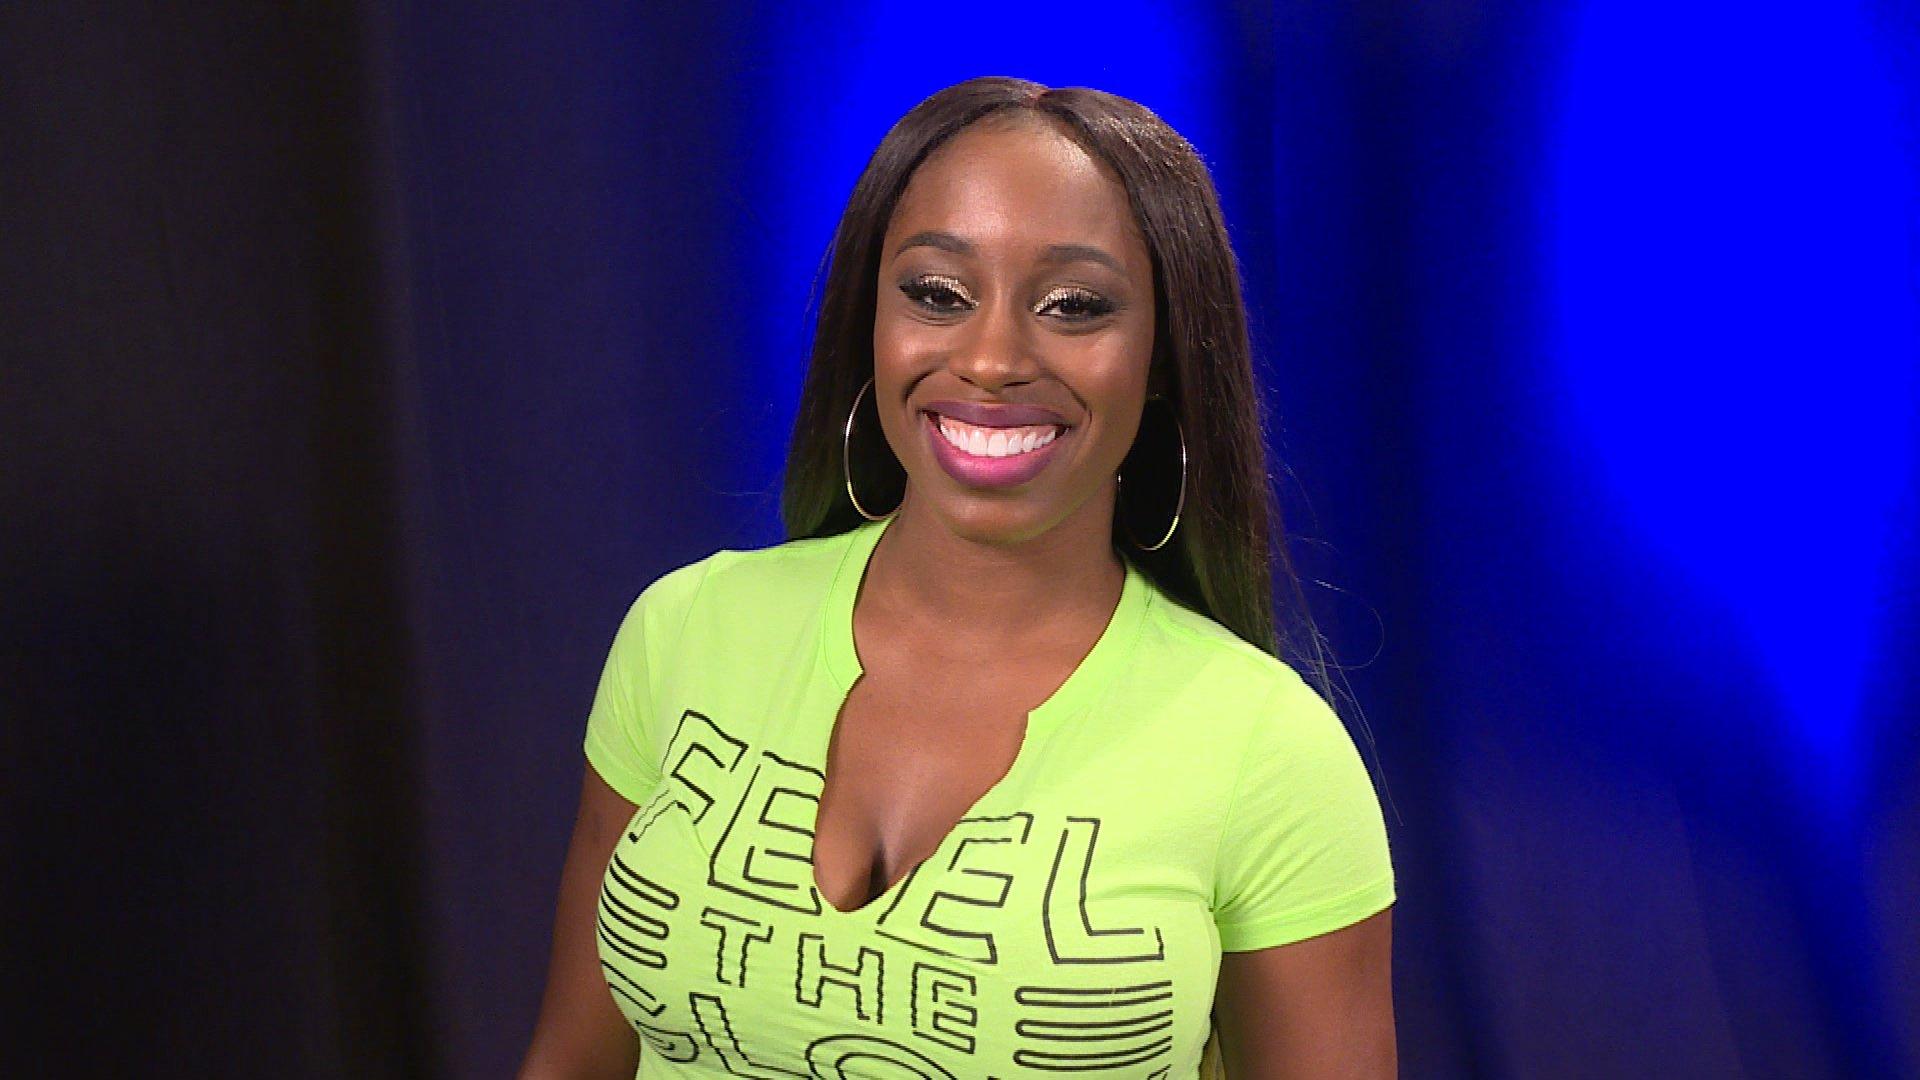 Naomi se souvient d'un événement qui a changé le cours de sa carrière: WWE Network Pick of the Week, 17 fév. 2017